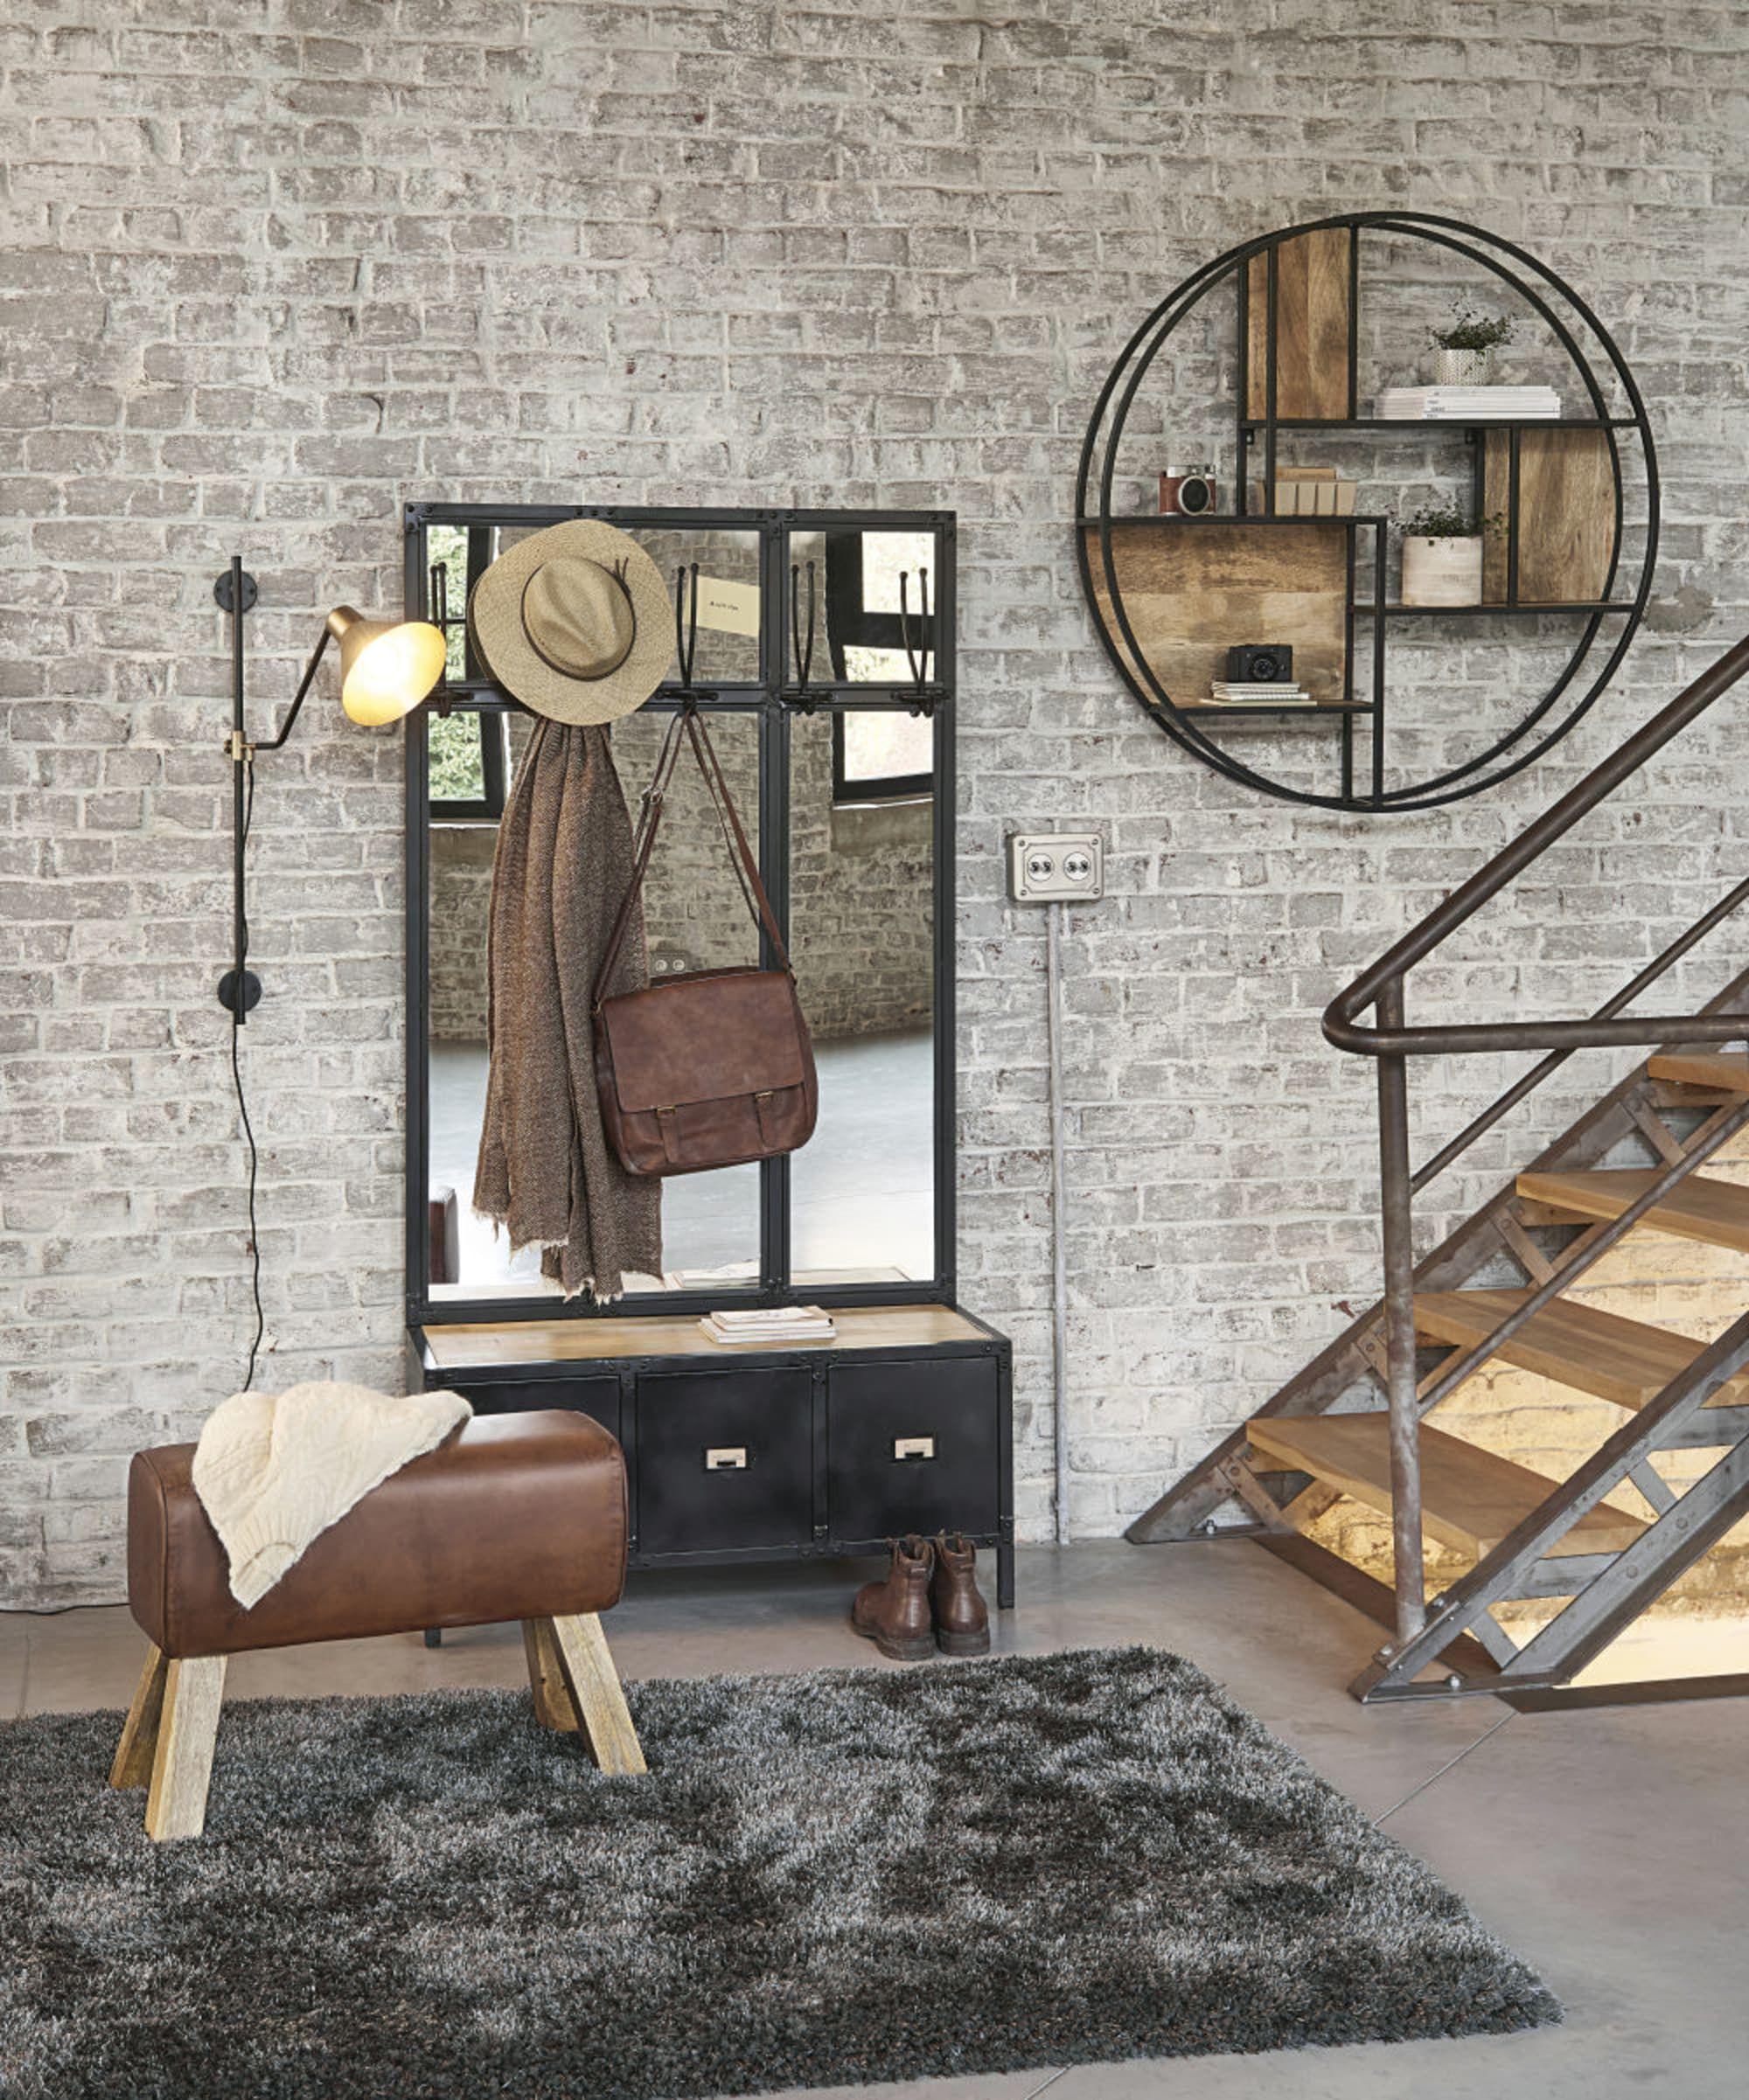 Scott Meuble D Entree Avec Miroir En Metal Noir H190 X L100 X P40 Cm 46 Kg Maisons Du Monde 499 En 2020 Applique Murale Noire Miroir En Metal Noir Mur Noir